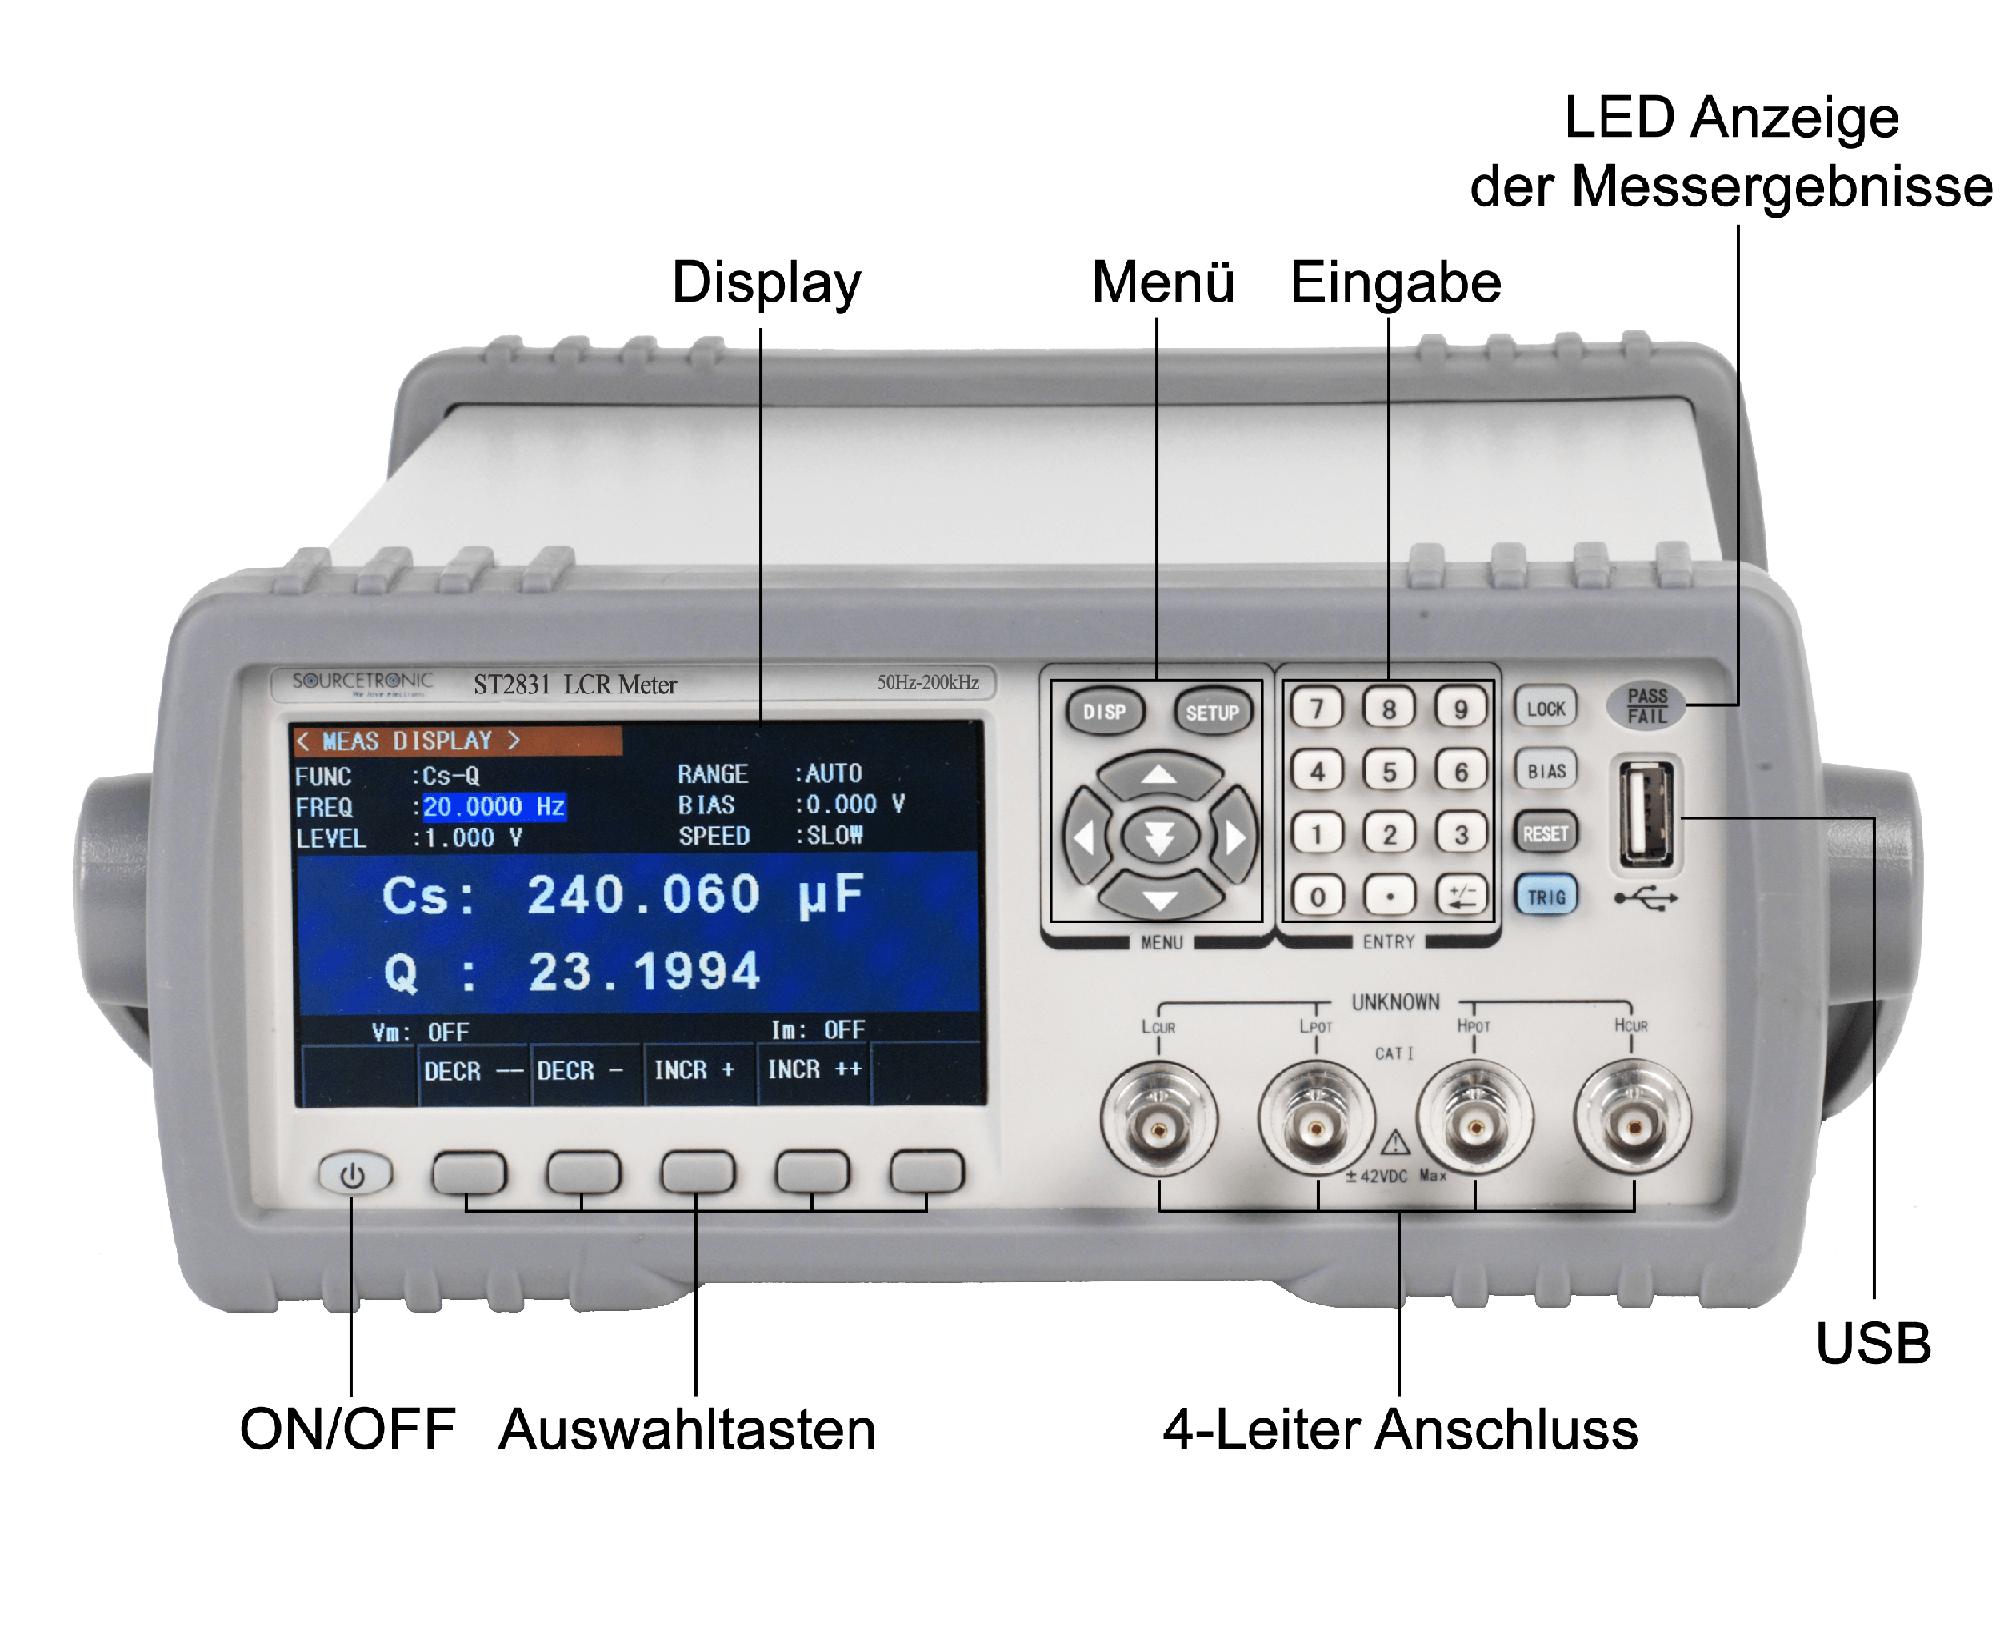 ST2830 LCR Meter Übersicht